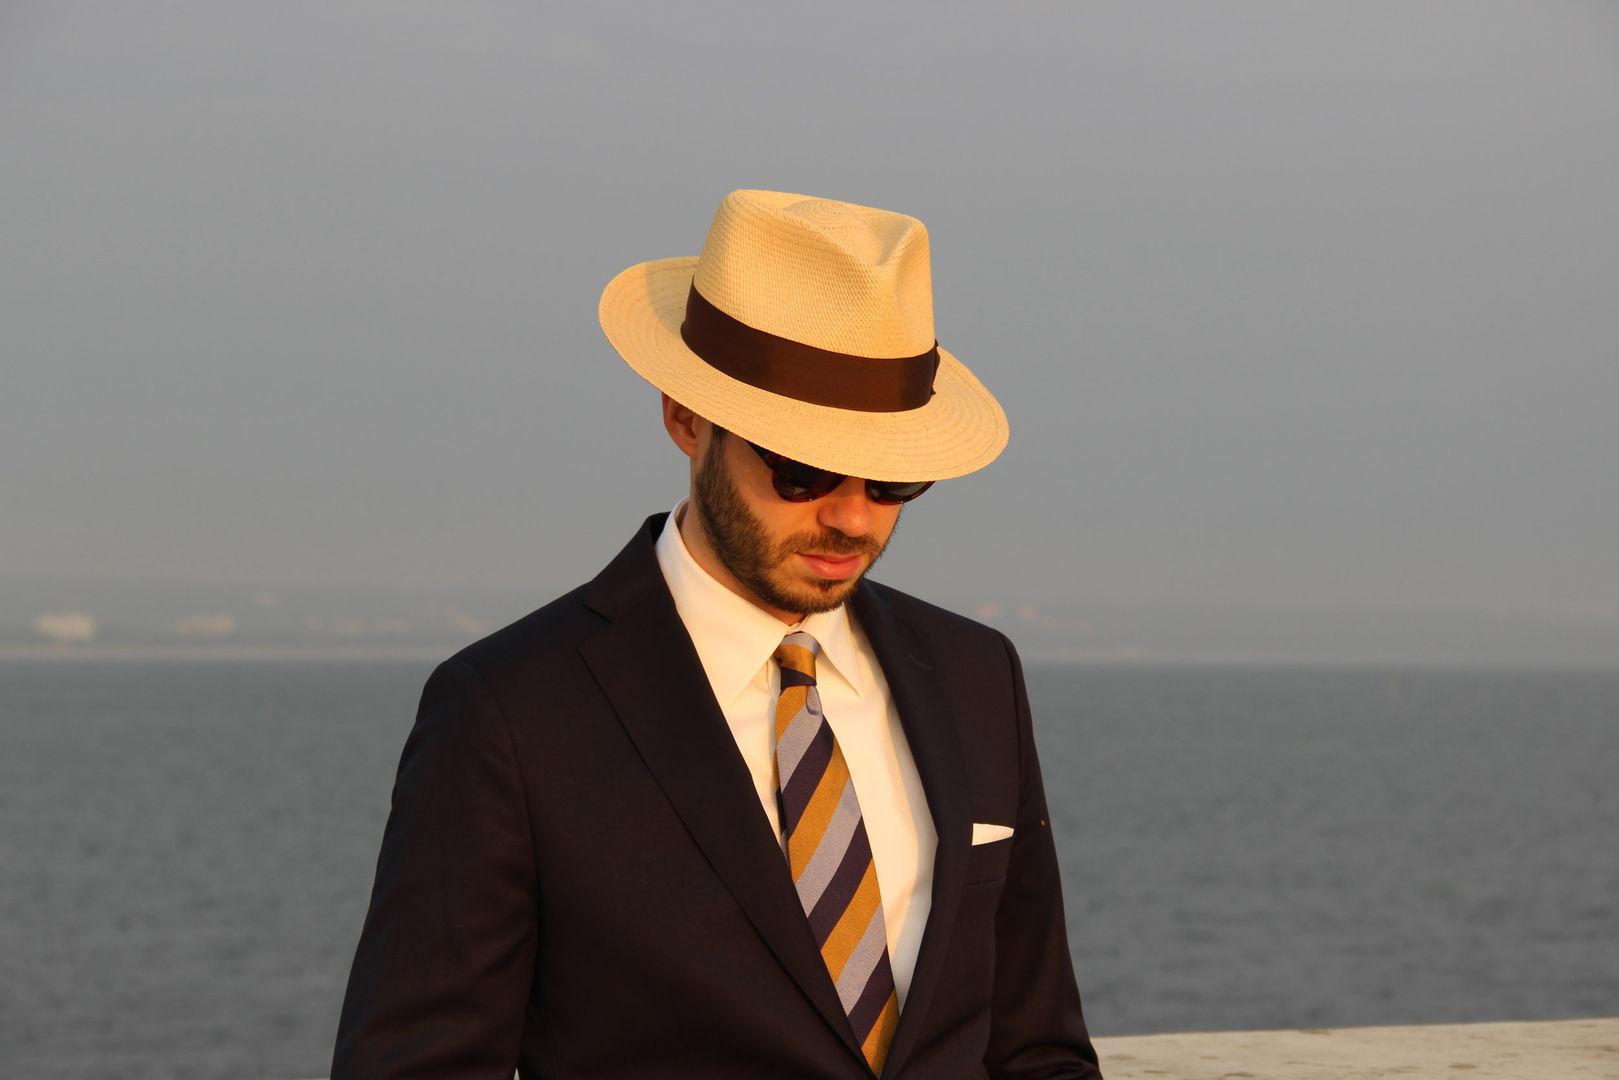 Letni Kapelusz Słomkowy Panama Kanotier Ekwadorski Letnia Elegancja Straw Hat Ecuador Witleather Skoczów